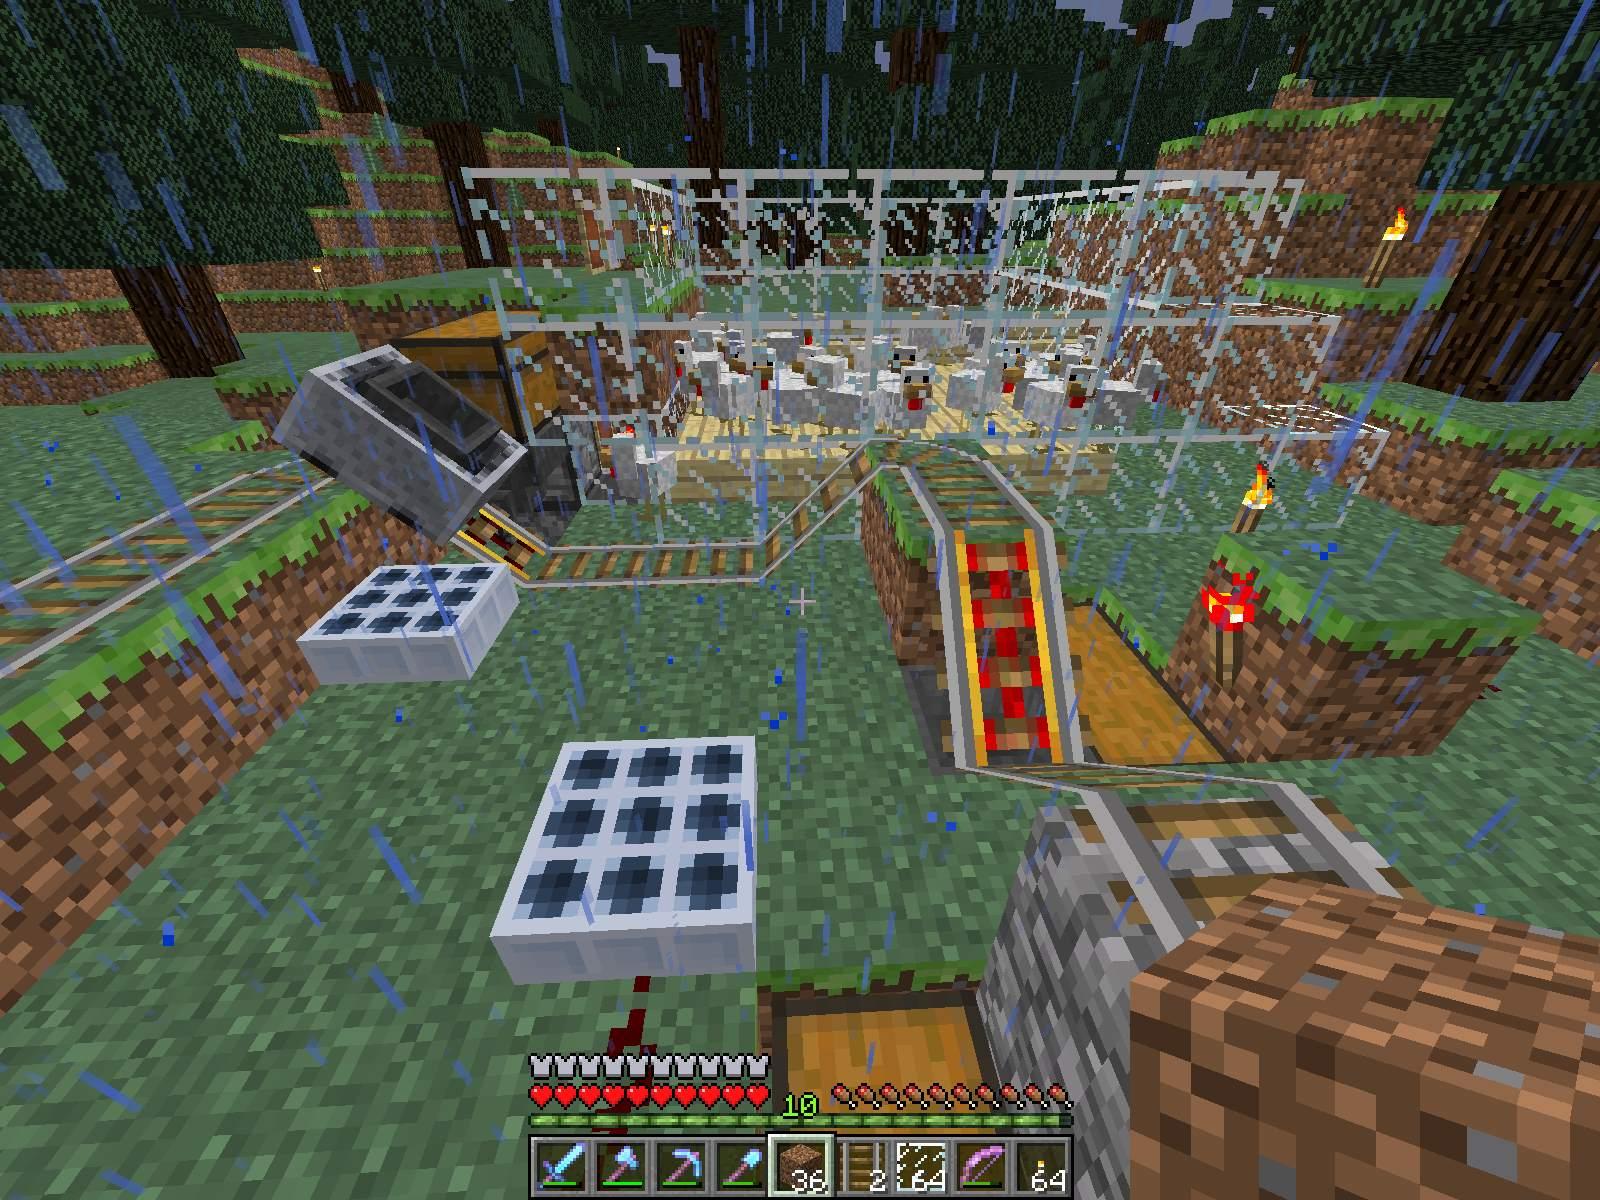 Скачать Minecraft 1.5.2 на компьютер бесплатно